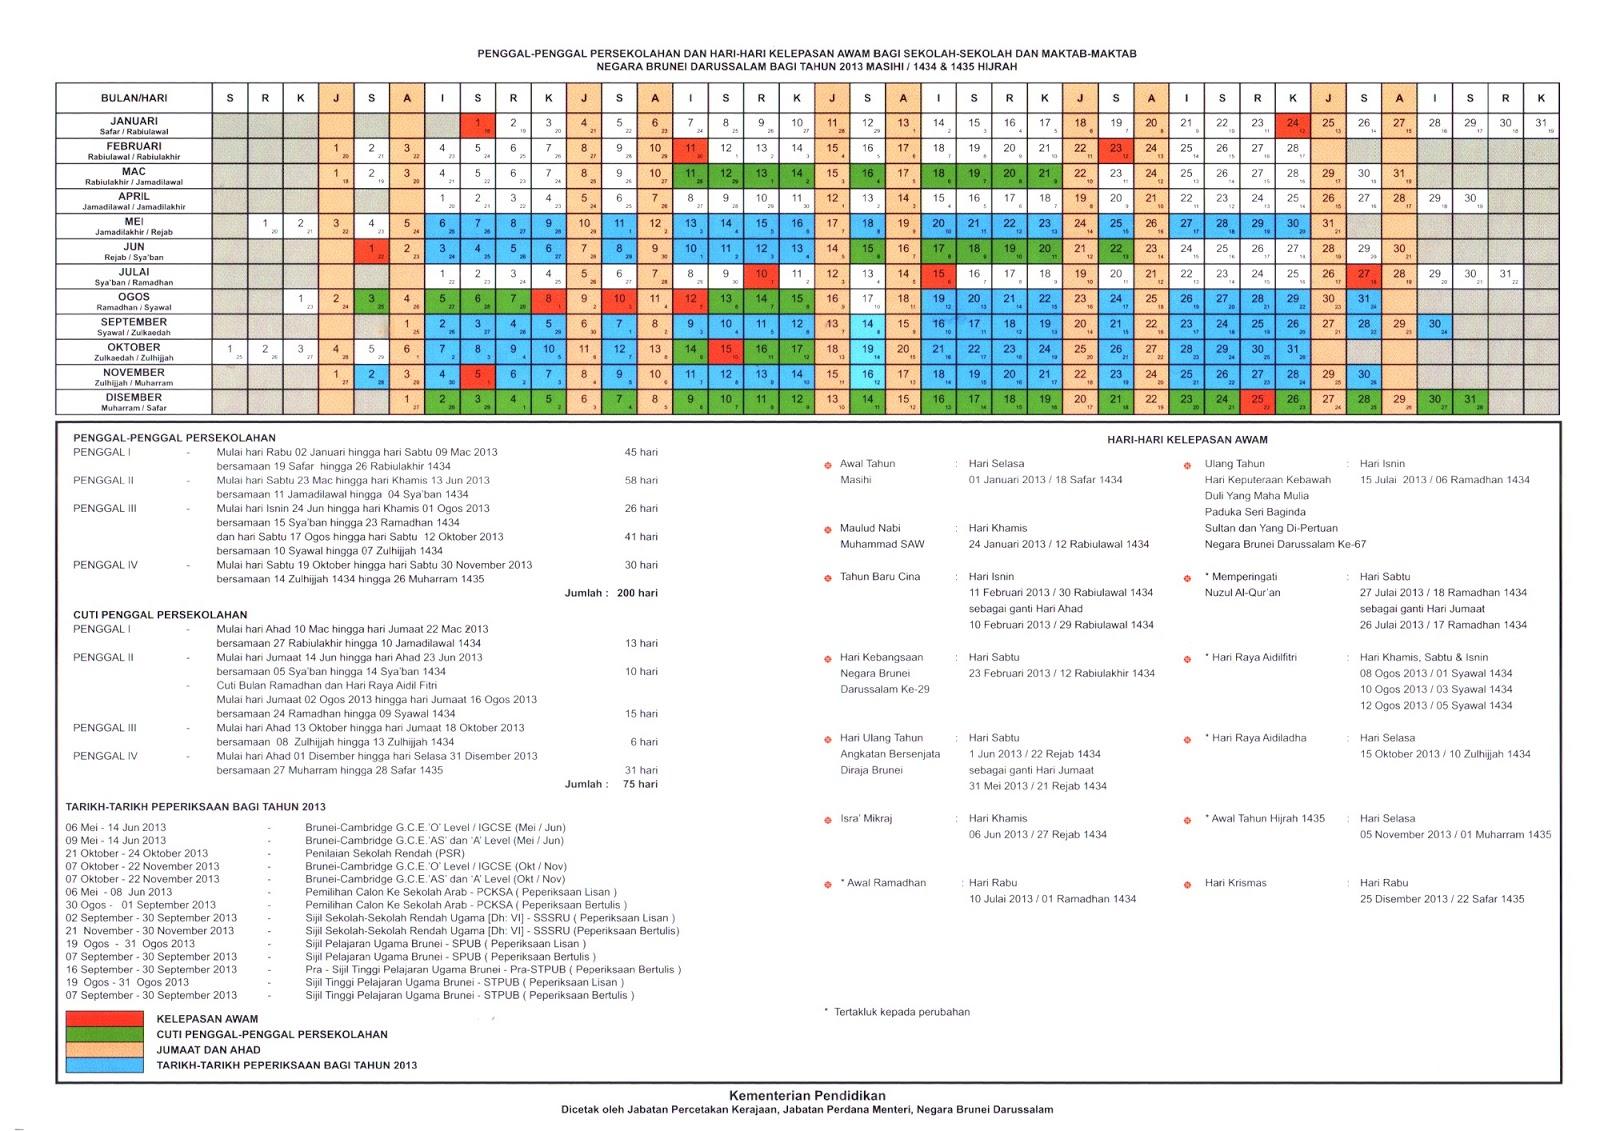 kalendar berkenaan kalendar persekolahan saiz besar 6 6mb sila klik di ...